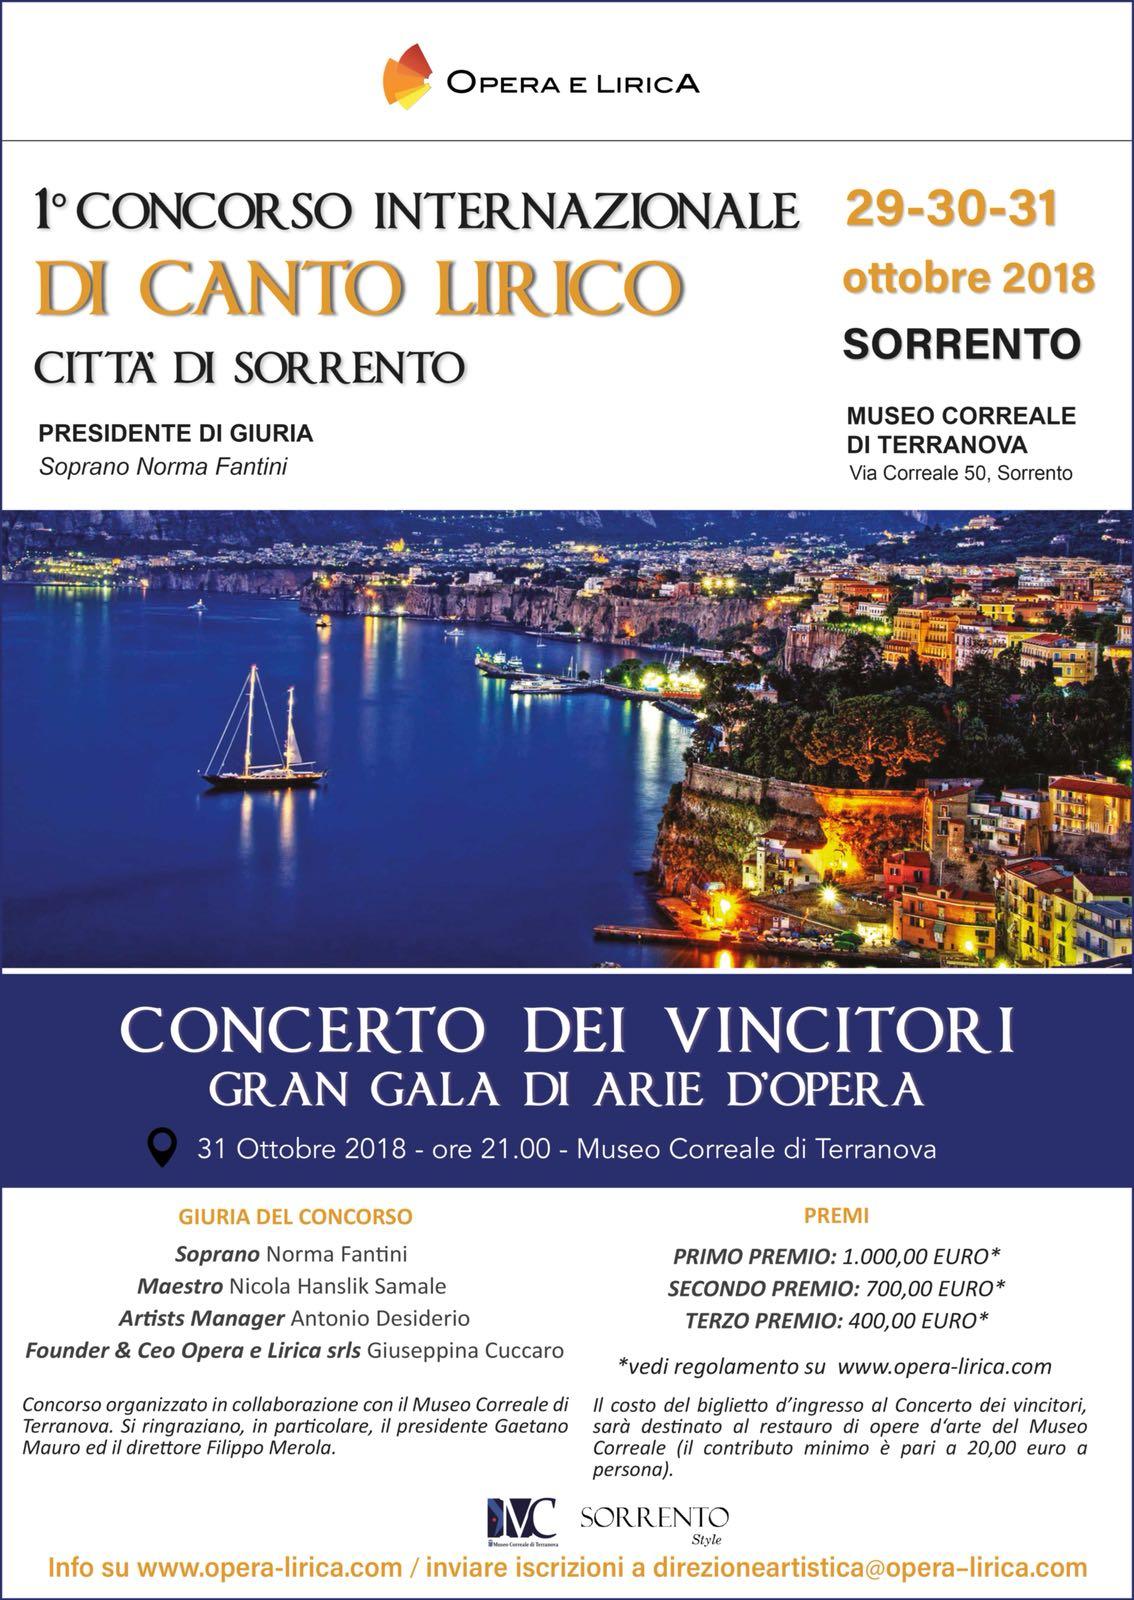 CONCORSO LIRICO OPERA E LIRICA COMPETITION – MUSEO CORREALE DI SORRENTO